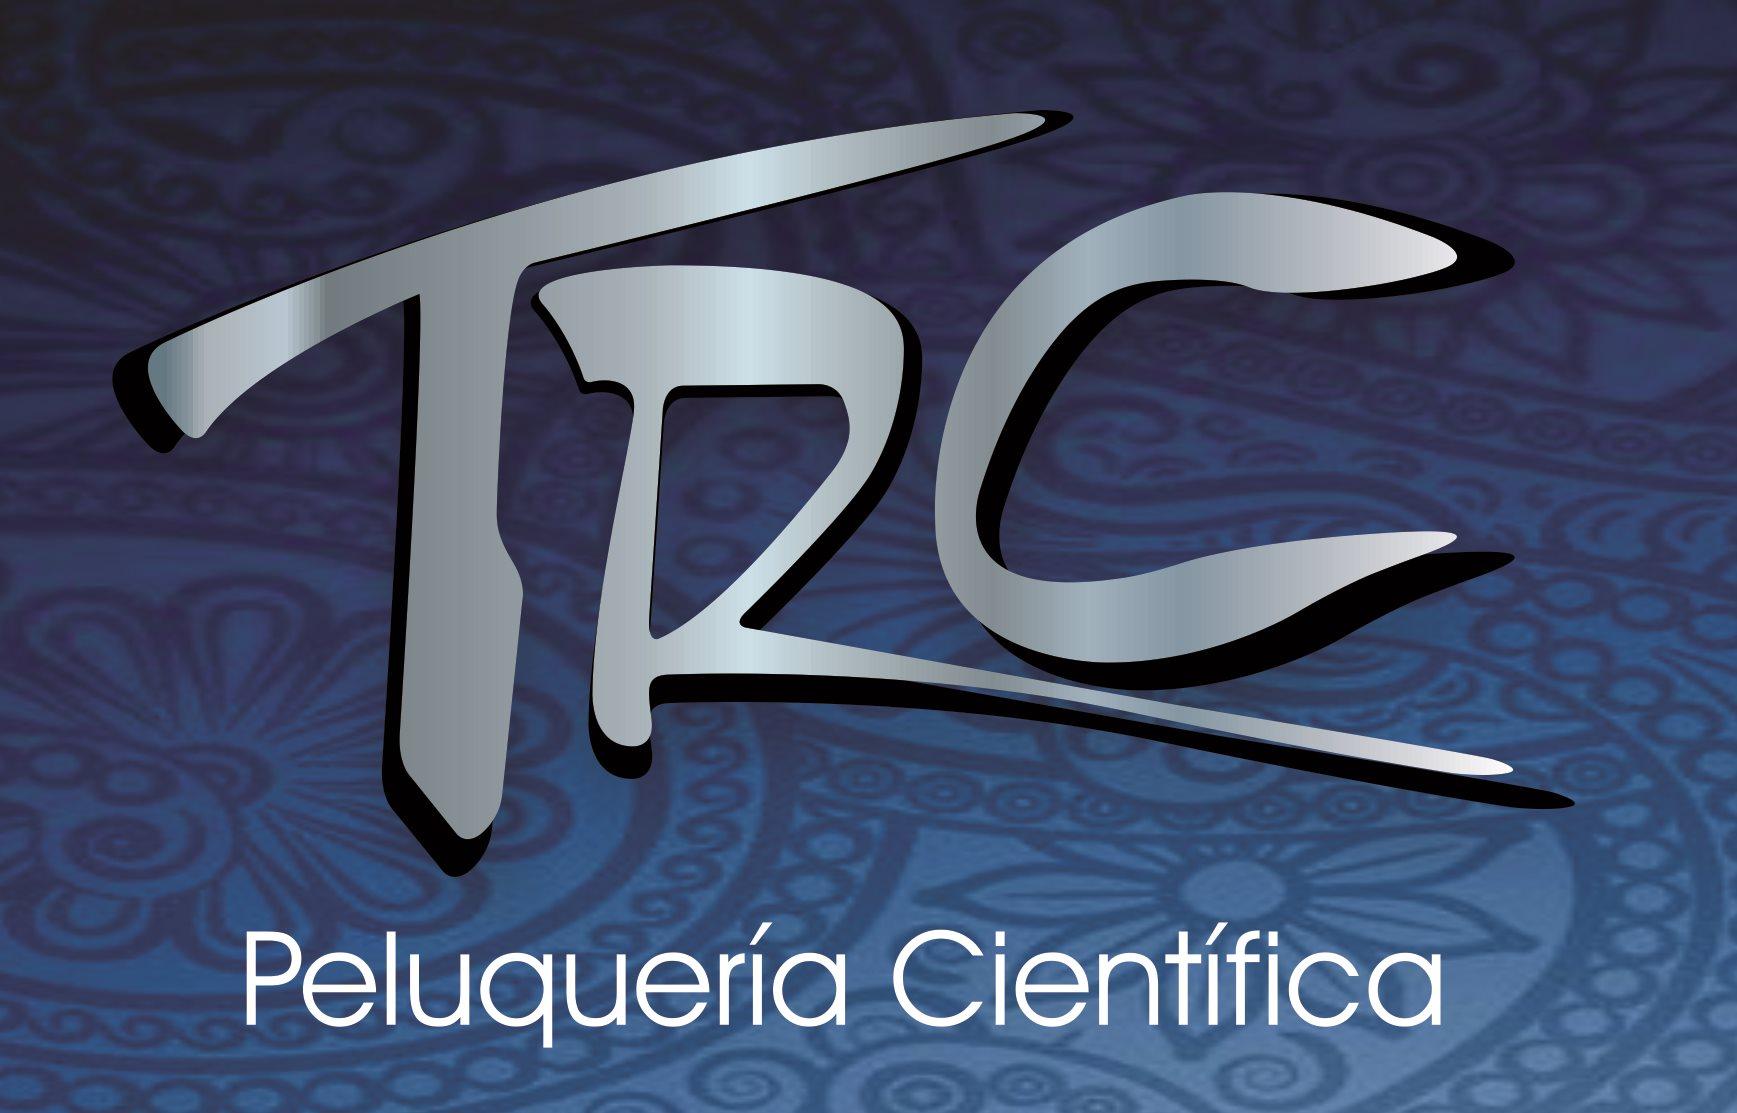 Centro de Recuperación Capilar TRC